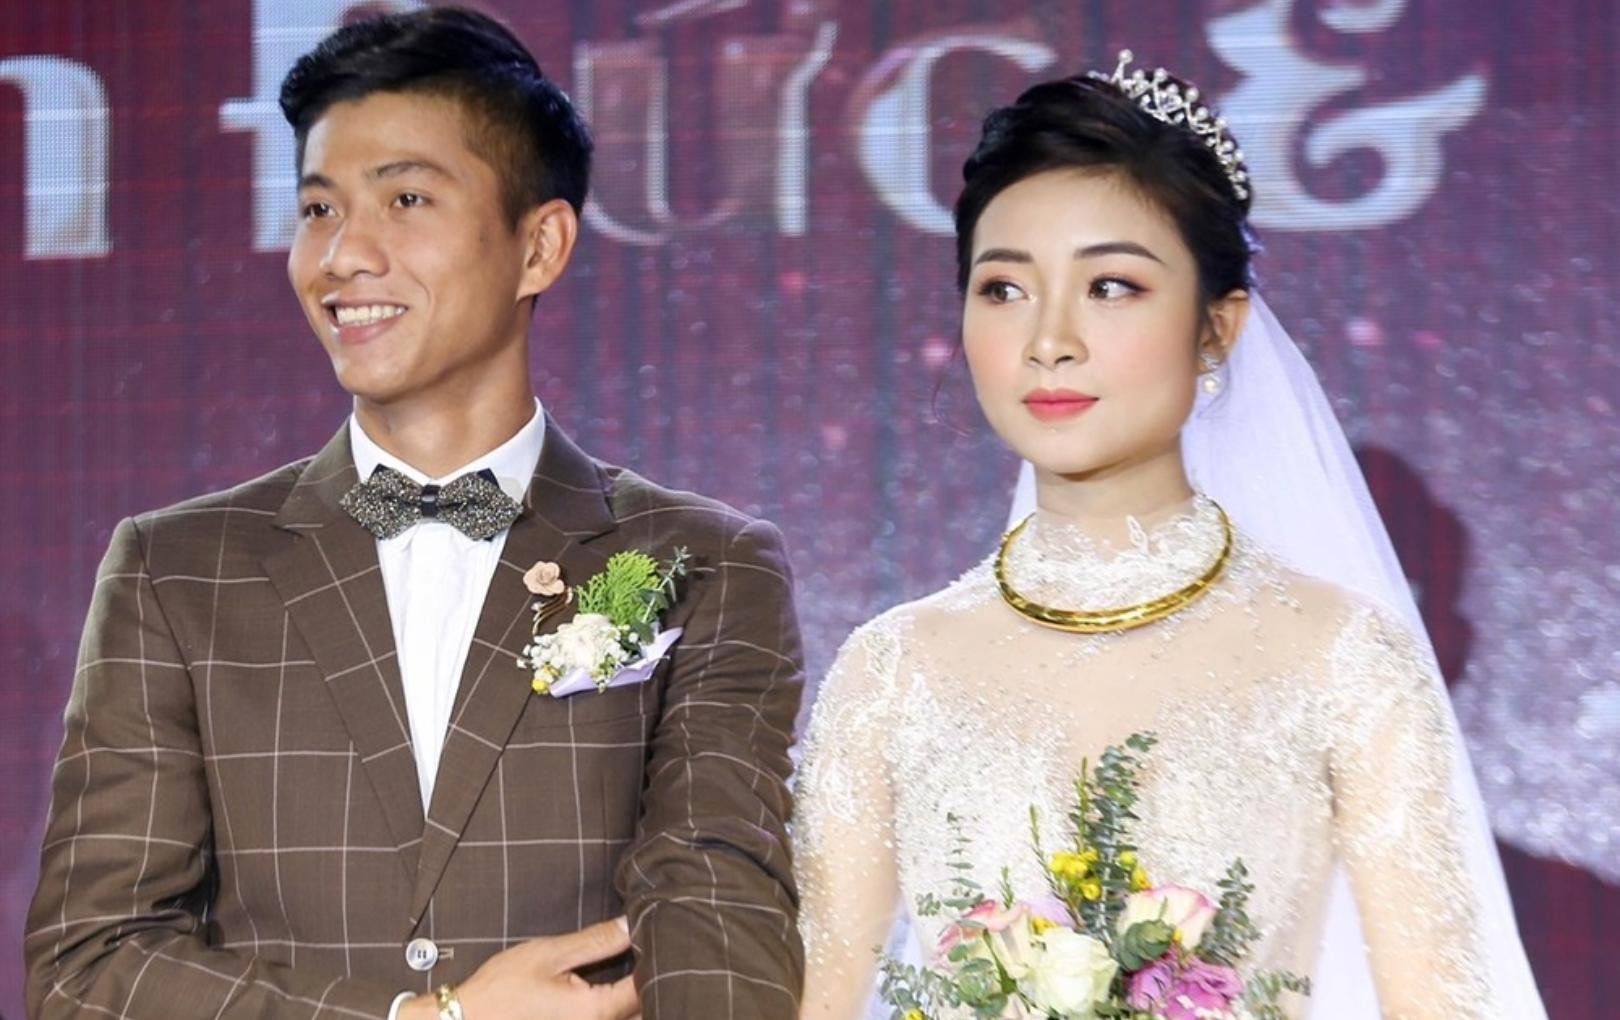 Phan Văn Đức chơi dân tình 'một vố ngã ngửa' ngay khi vừa cưới xong 3